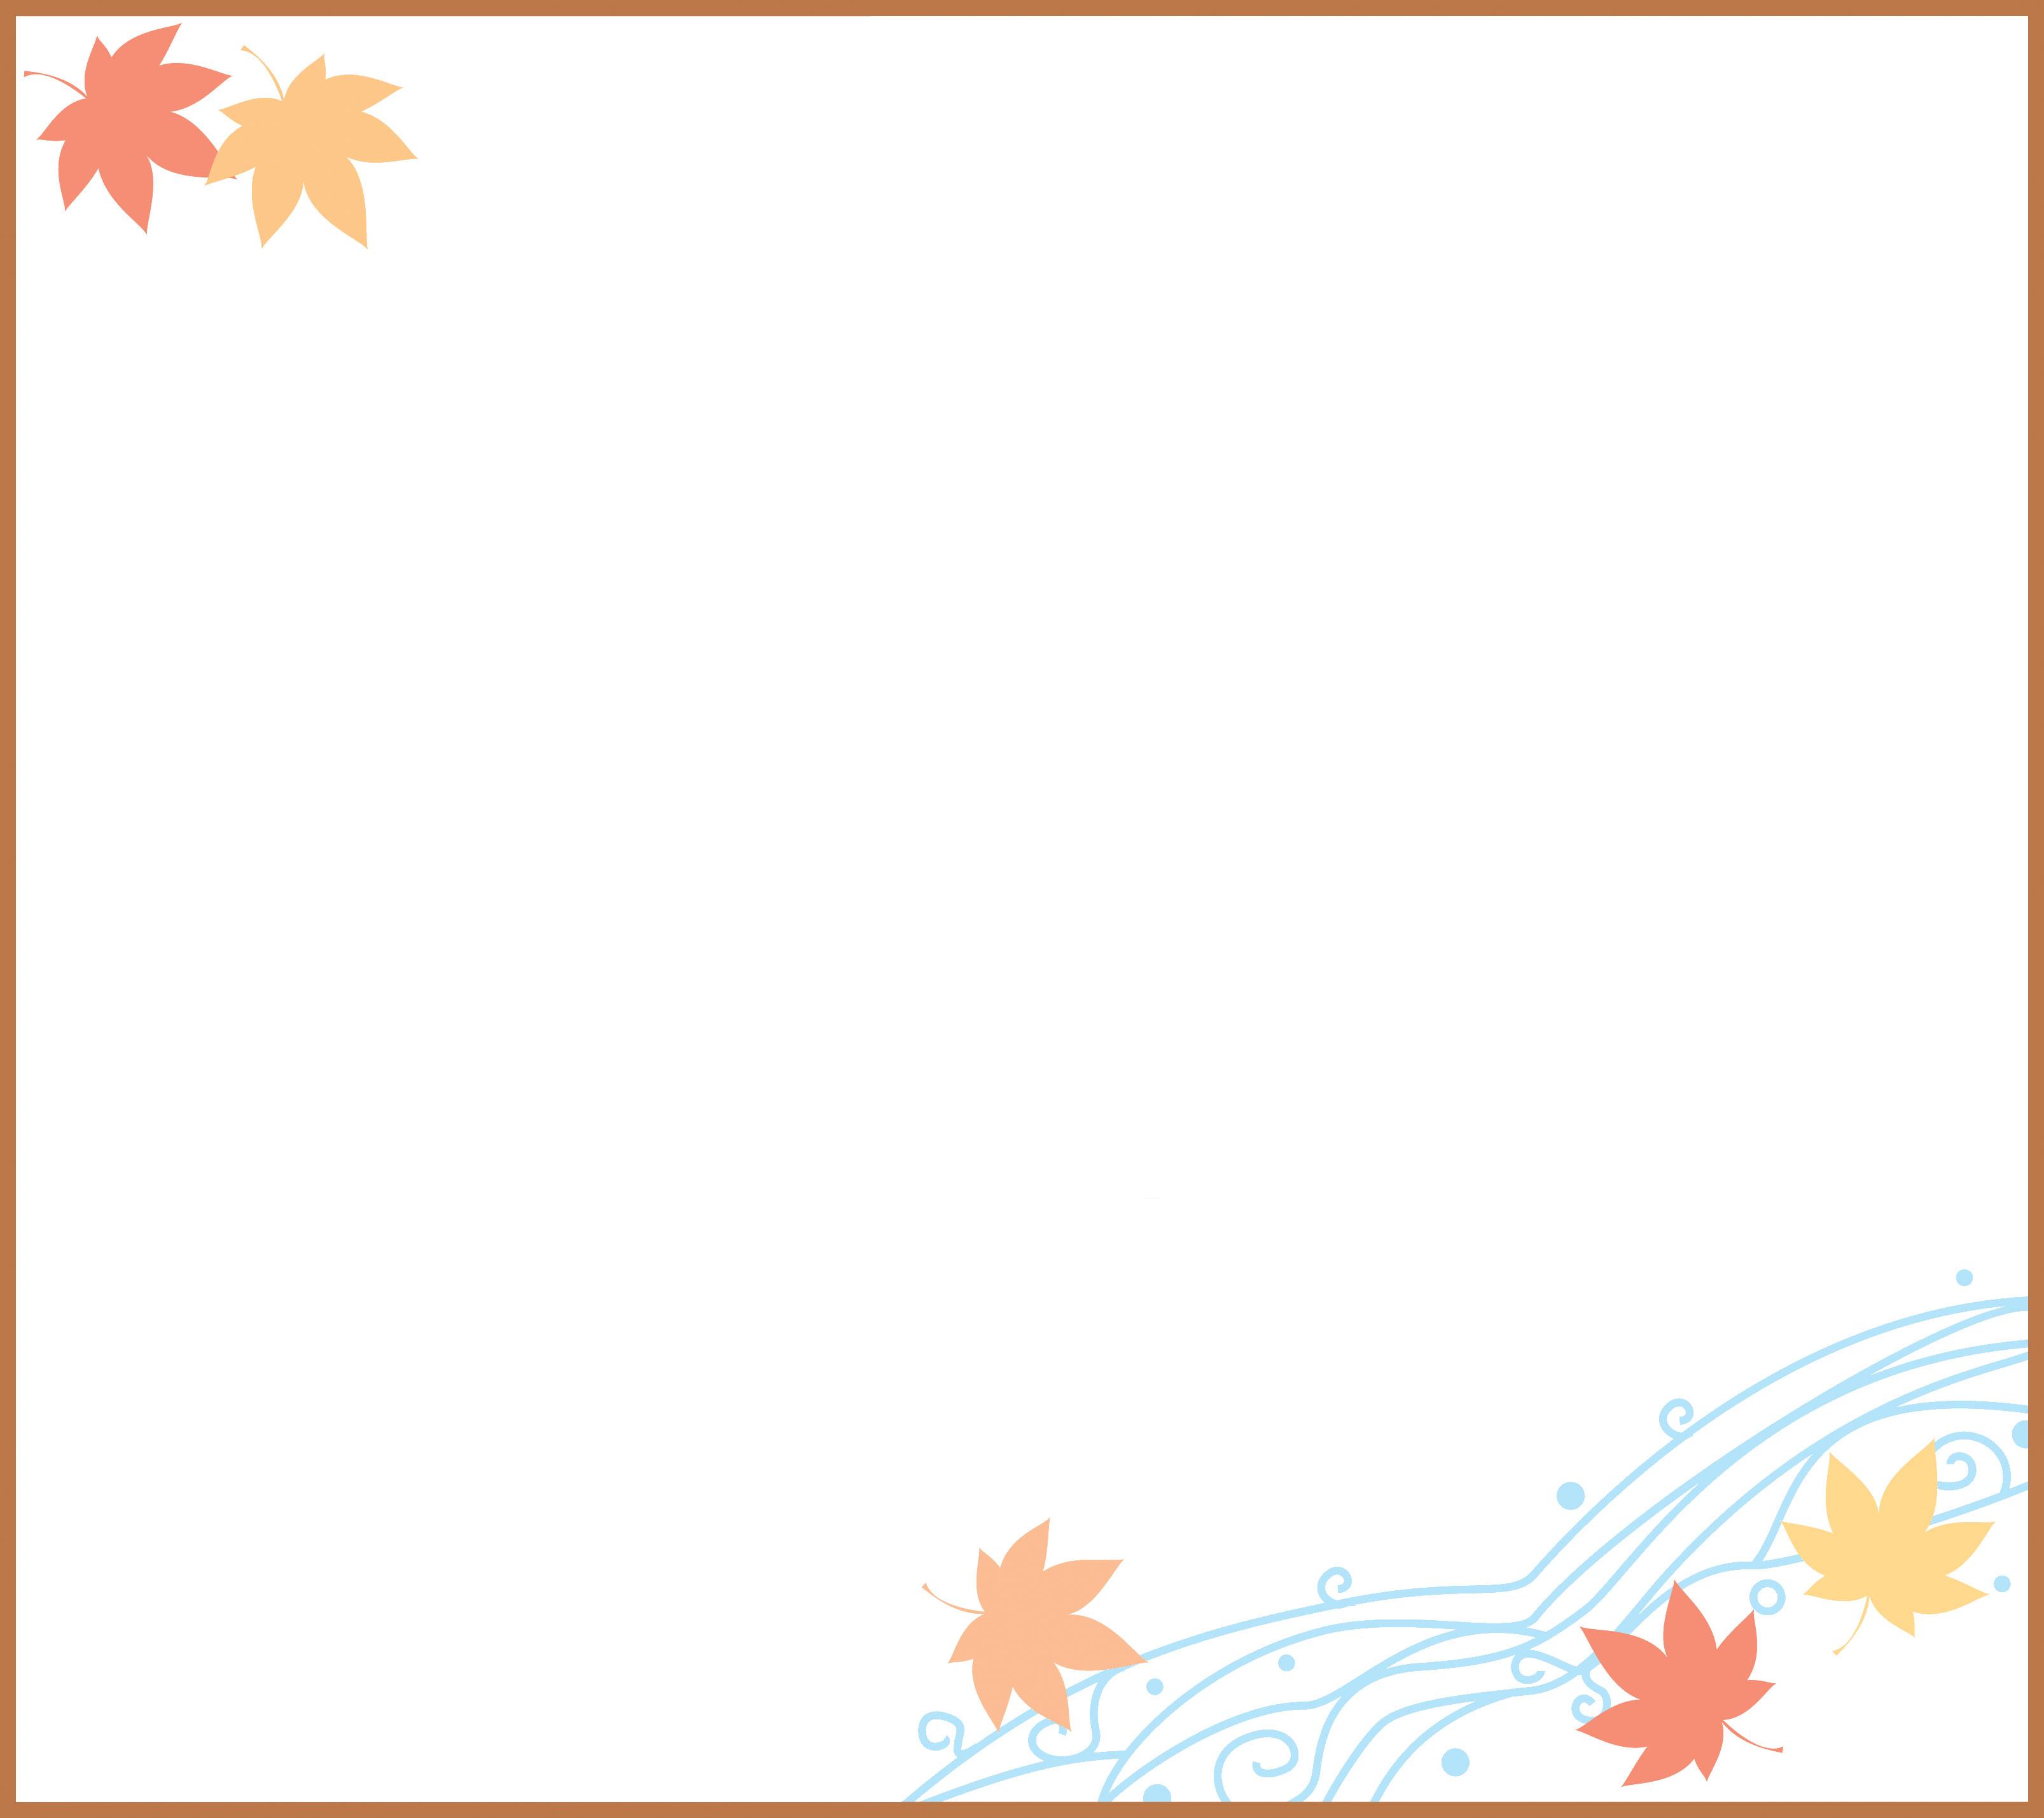 葉っぱ・草木のイラスト・フリー素材/フレーム枠no.122『秋の紅葉』